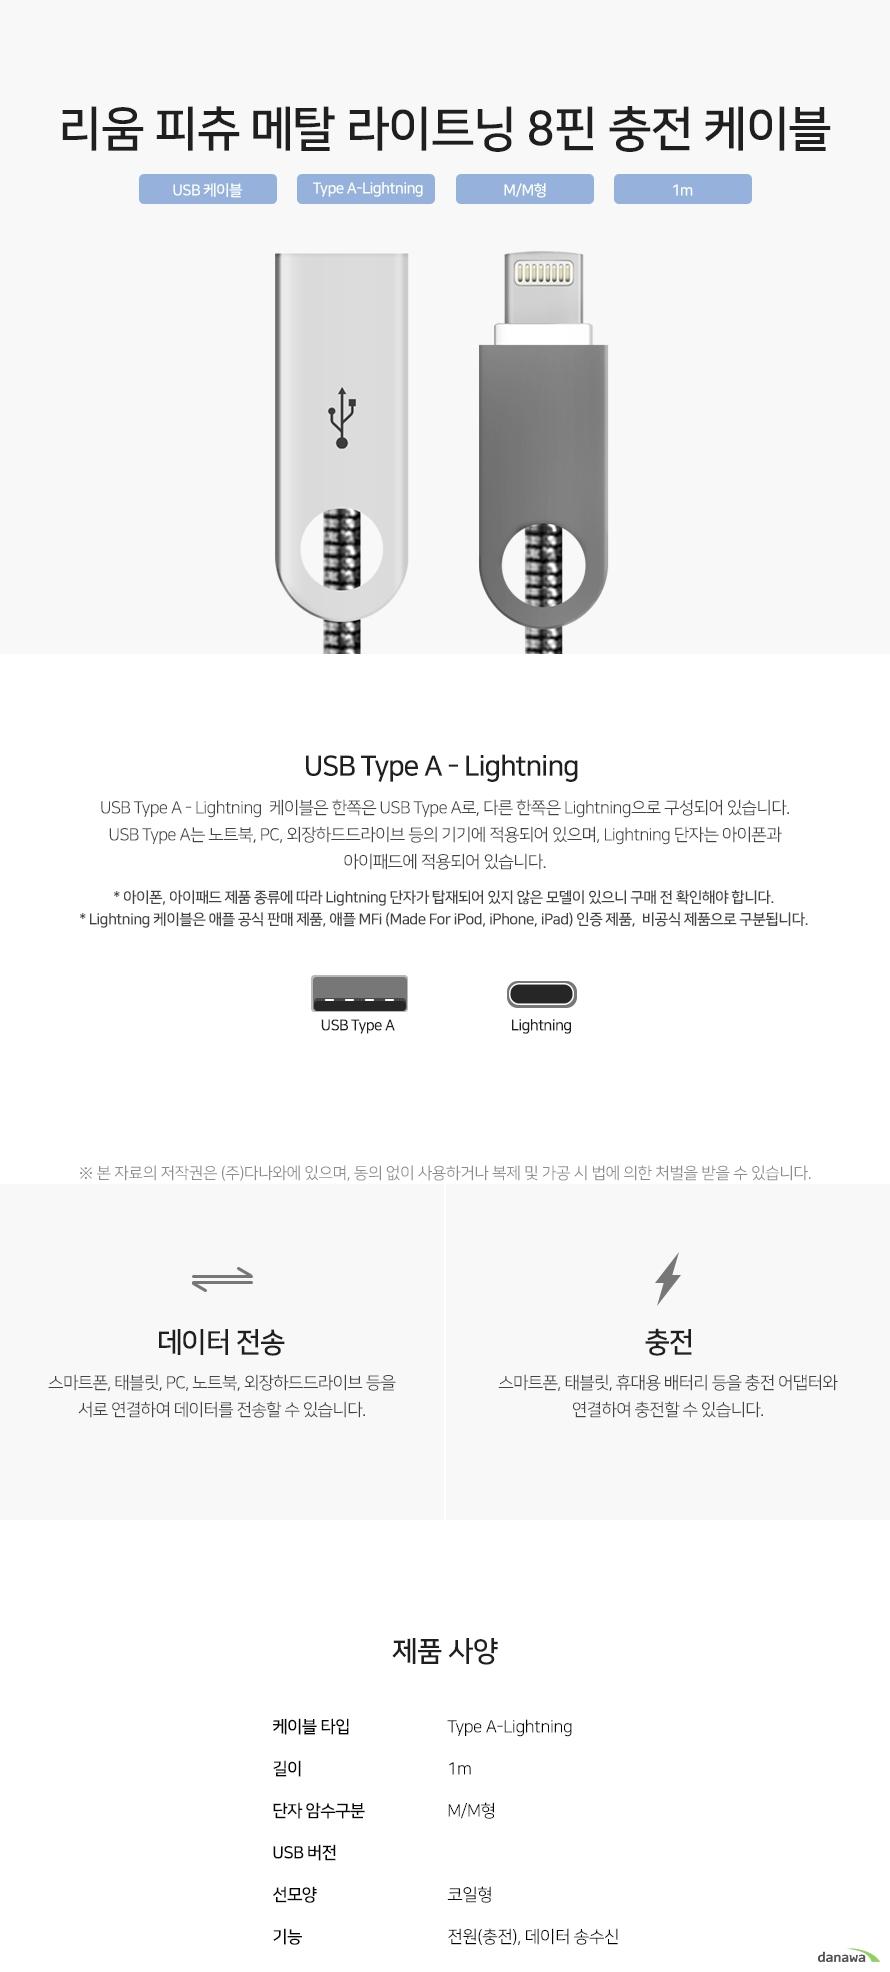 리움 피츄 메탈 라이트닝 8핀 충전 케이블 USB Type A - Lightning  케이블은 한쪽은 USB Type A로, 다른 한쪽은 Lightning으로 구성되어 있습니다. USB Type A는 노트북, PC, 외장하드드라이브 등의 기기에 적용되어 있으며, Lightning 단자는 아이폰과 아이패드에 적용되어 있습니다. 스마트폰, 태블릿, PC, 노트북, 외장하드드라이브 등을 서로 연결하여 데이터를 전송할 수 있습니다. 스마트폰, 태블릿, 휴대용 배터리 등을 충전 어댑터와 연결하여 충전할 수 있습니다.